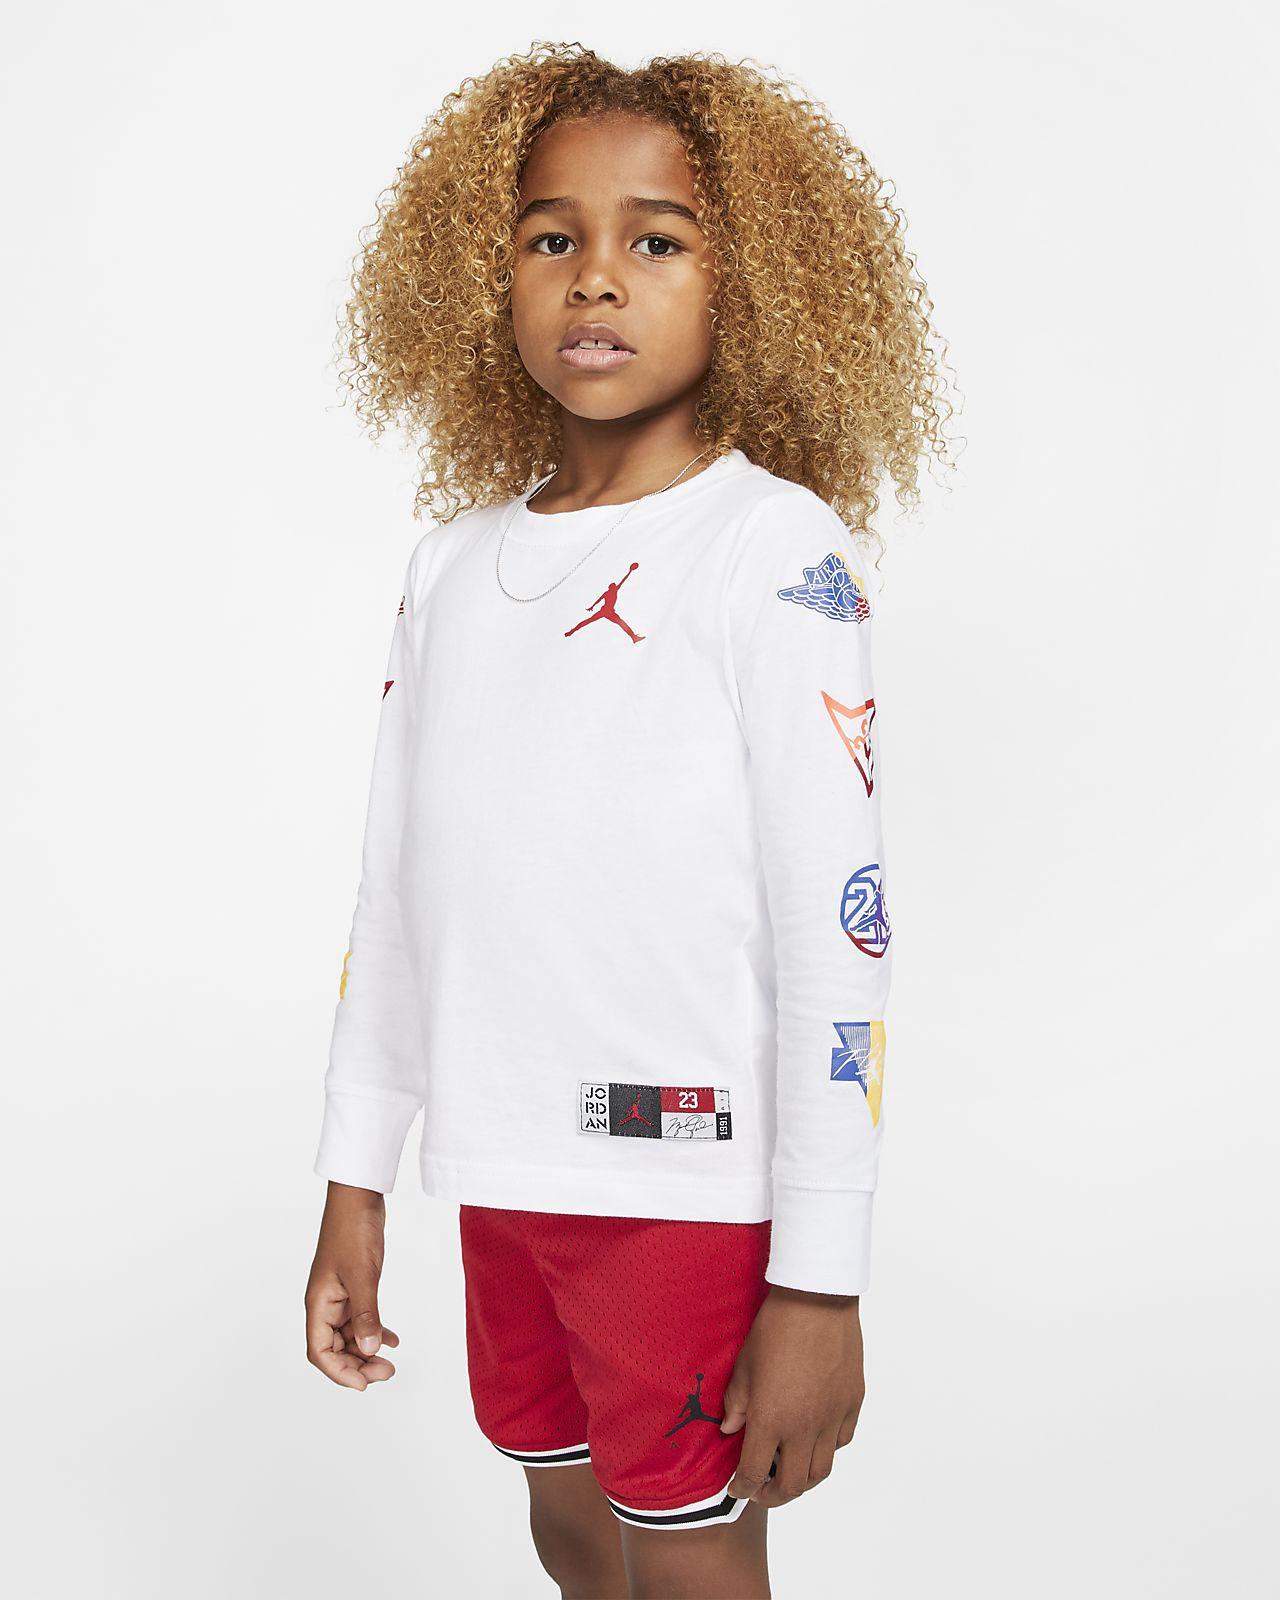 Jordan Jumpman Camiseta de manga larga - Niño/a pequeño/a